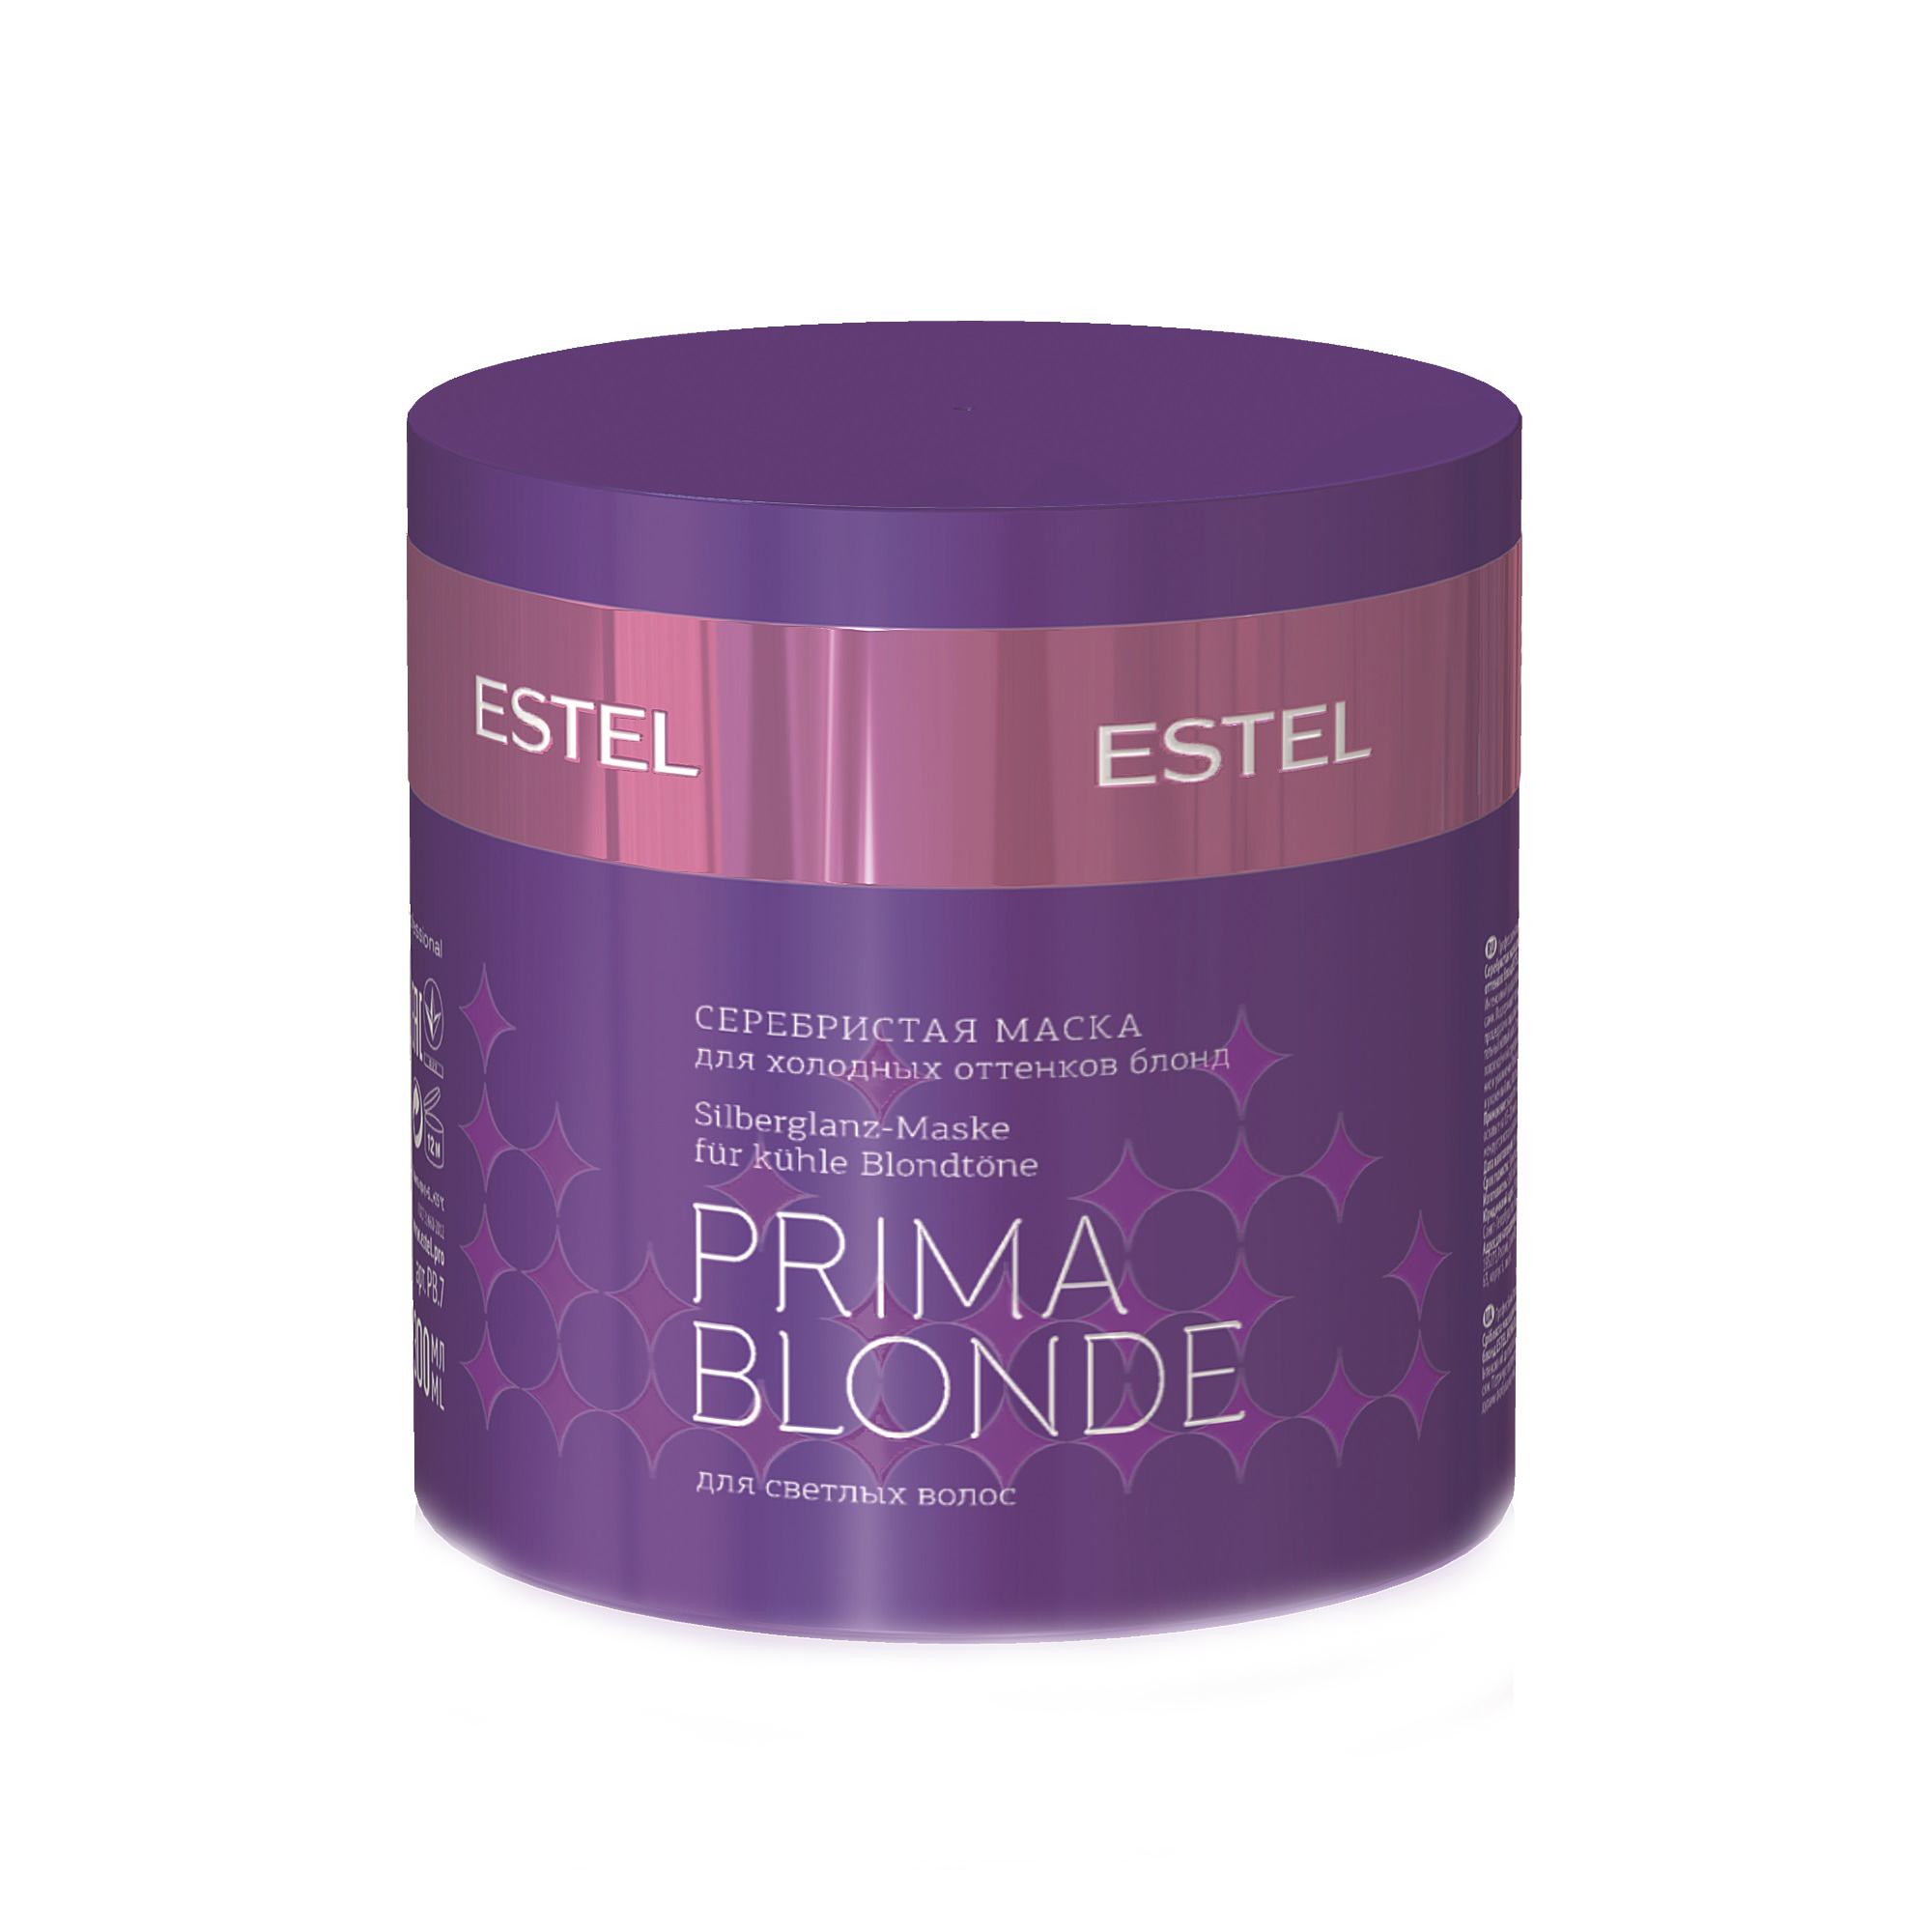 Купить Маски для волос Estel, Маска Estel Prima blonde серебристая для холодных оттенков блонд 300 мл